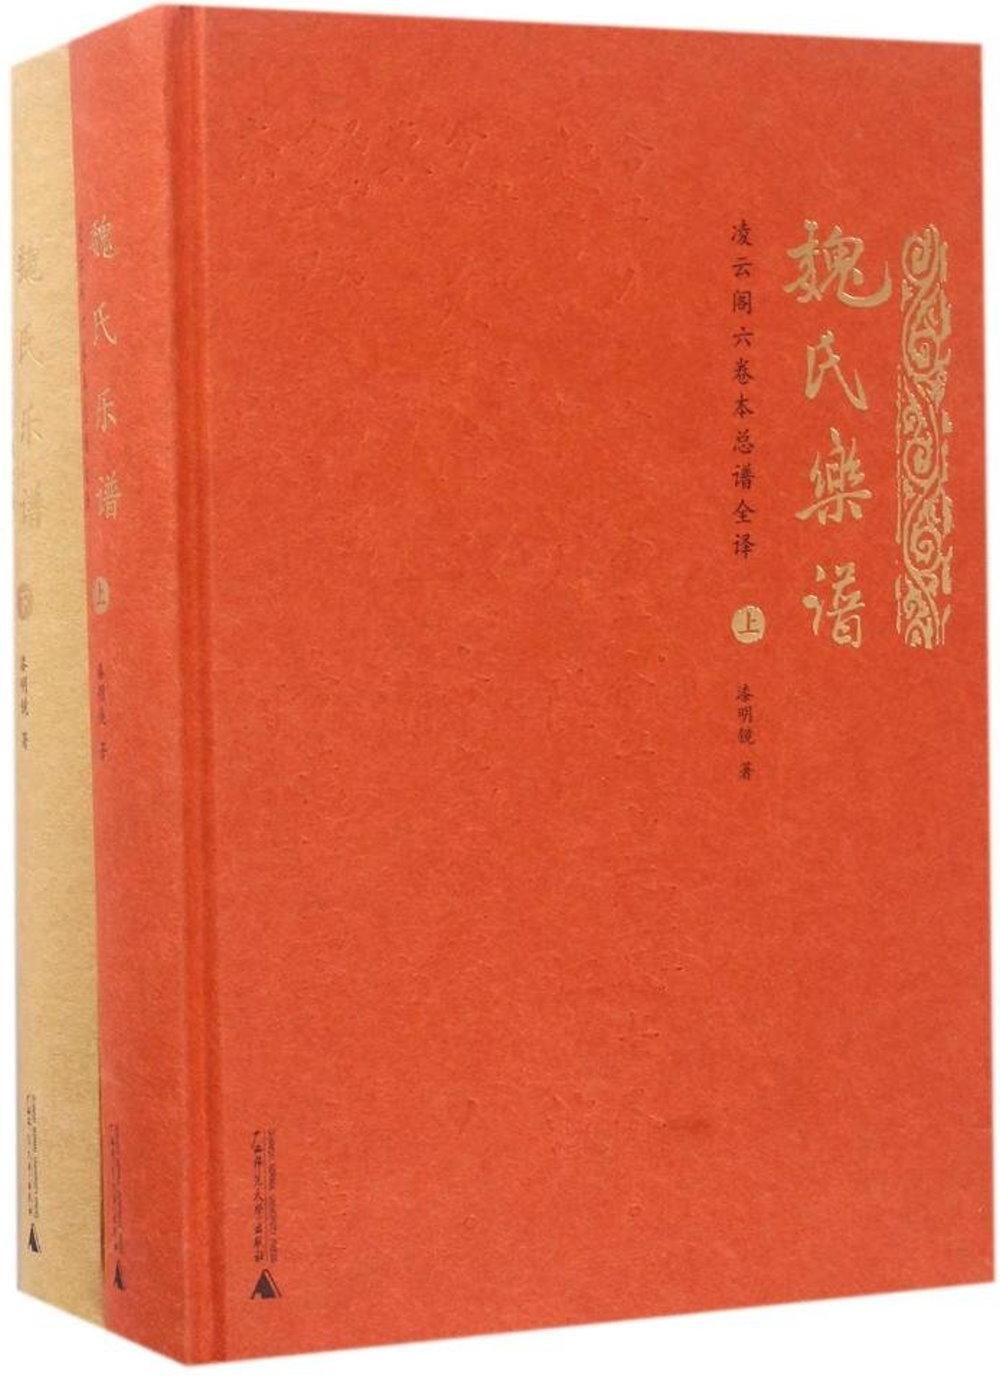 魏氏樂譜:凌雲閣六卷本總譜全譯(上下)